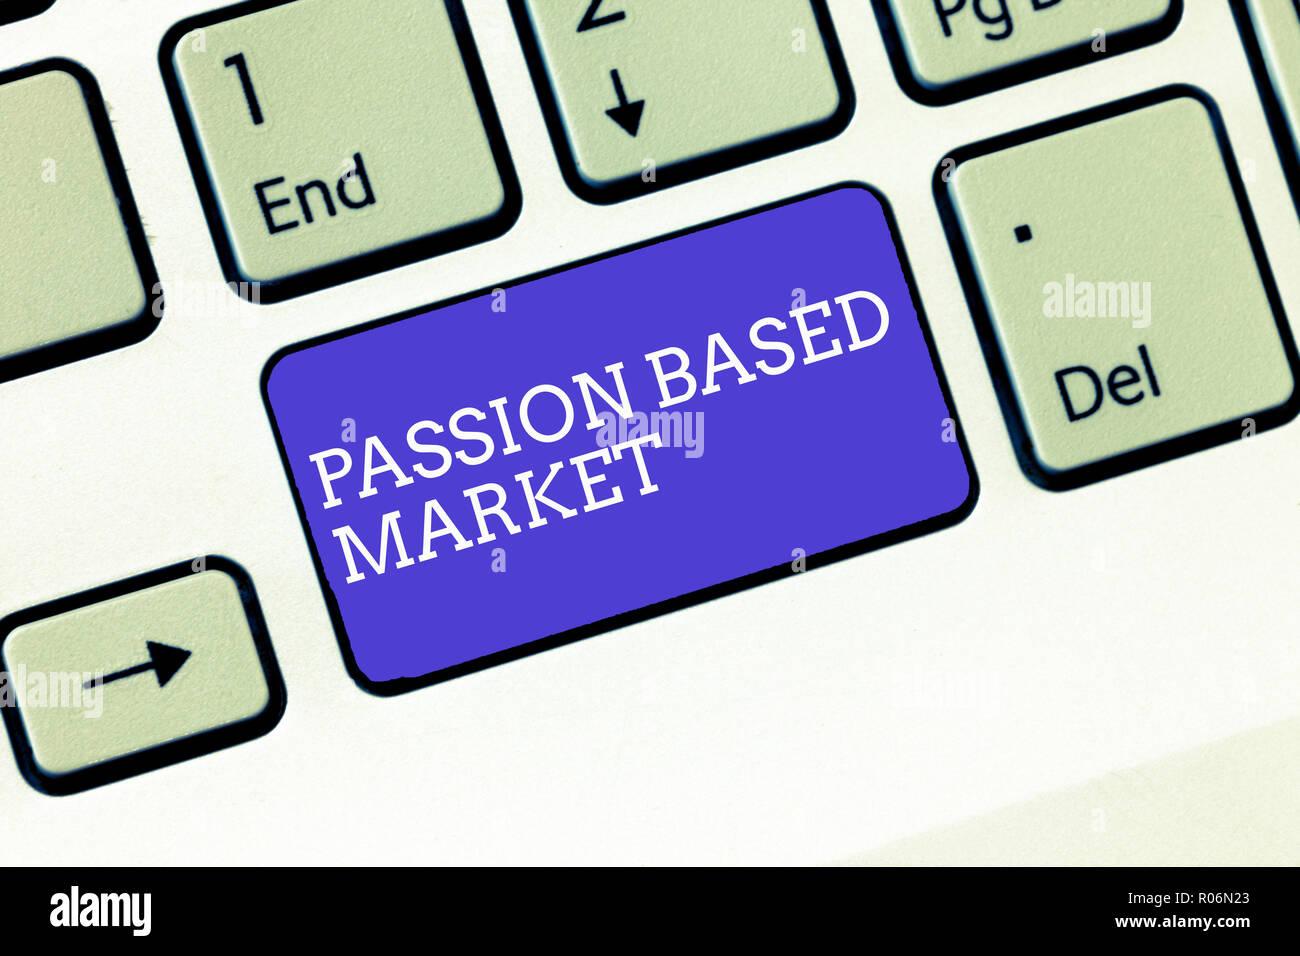 17d204dfa5c Escribir nota mostrando pasión en el mercado. Exhibición fotográfica de  negocios canal de ventas emocional de una estrategia centrada en  Personalizar.